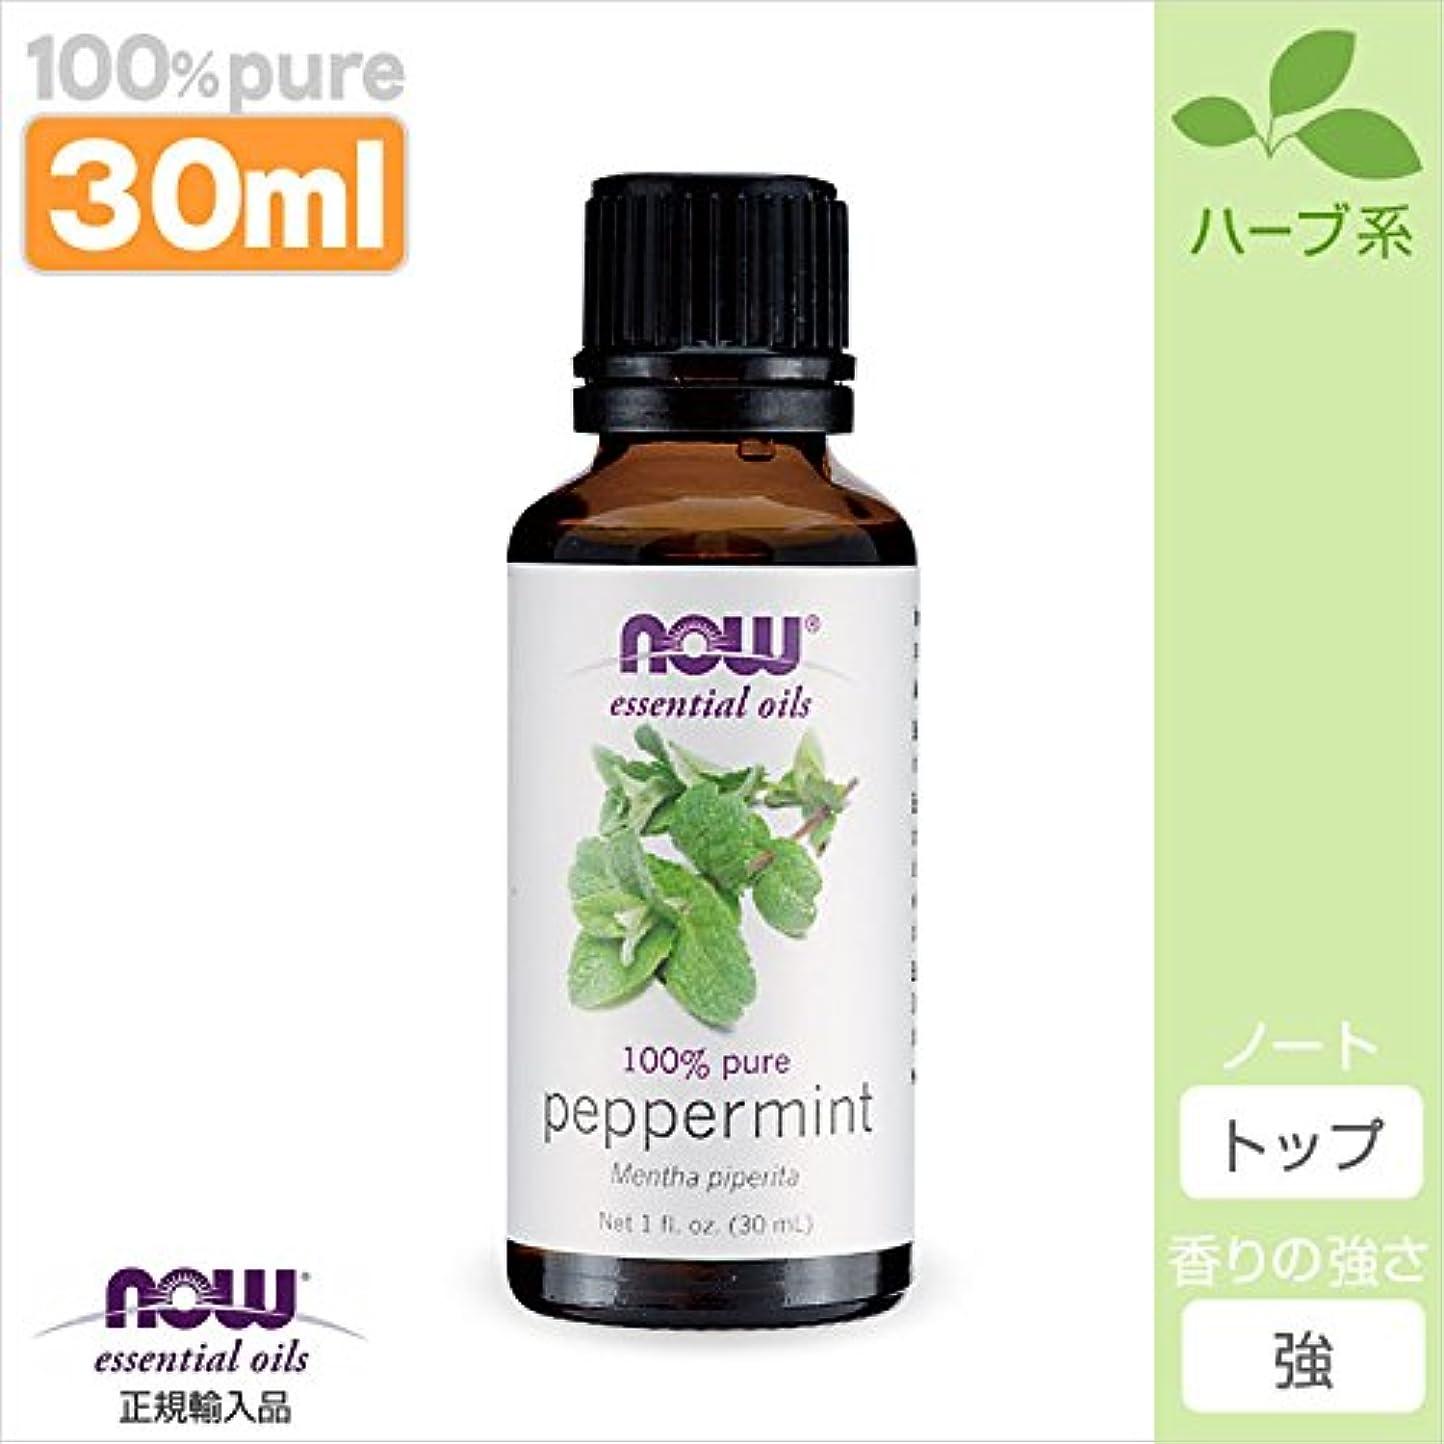 十分ではないおっとレースペパーミント精油[30ml] 【正規輸入品】 NOWエッセンシャルオイル(アロマオイル)